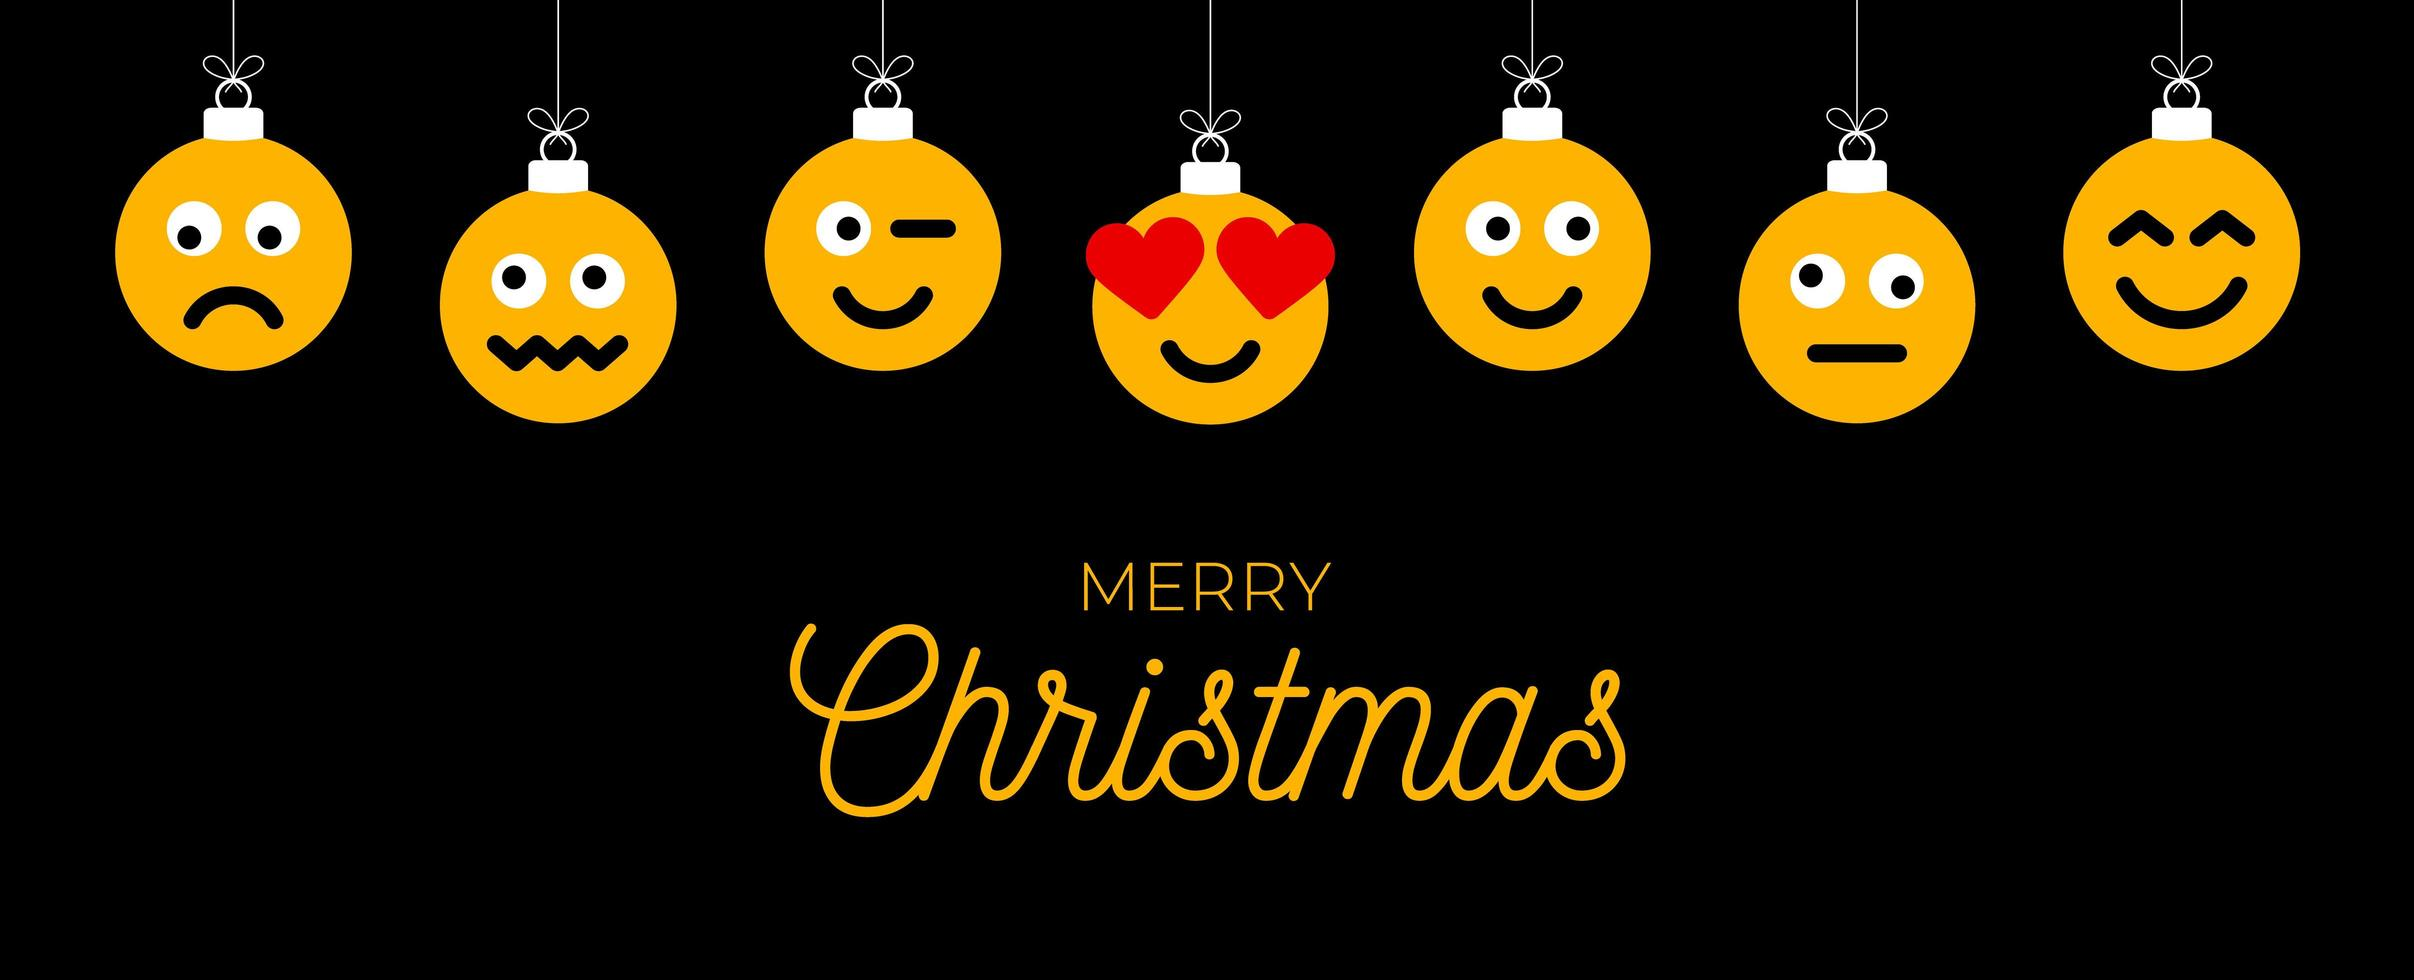 Weihnachtsgruß mit Emoji-Gesichtsverzierungen vektor